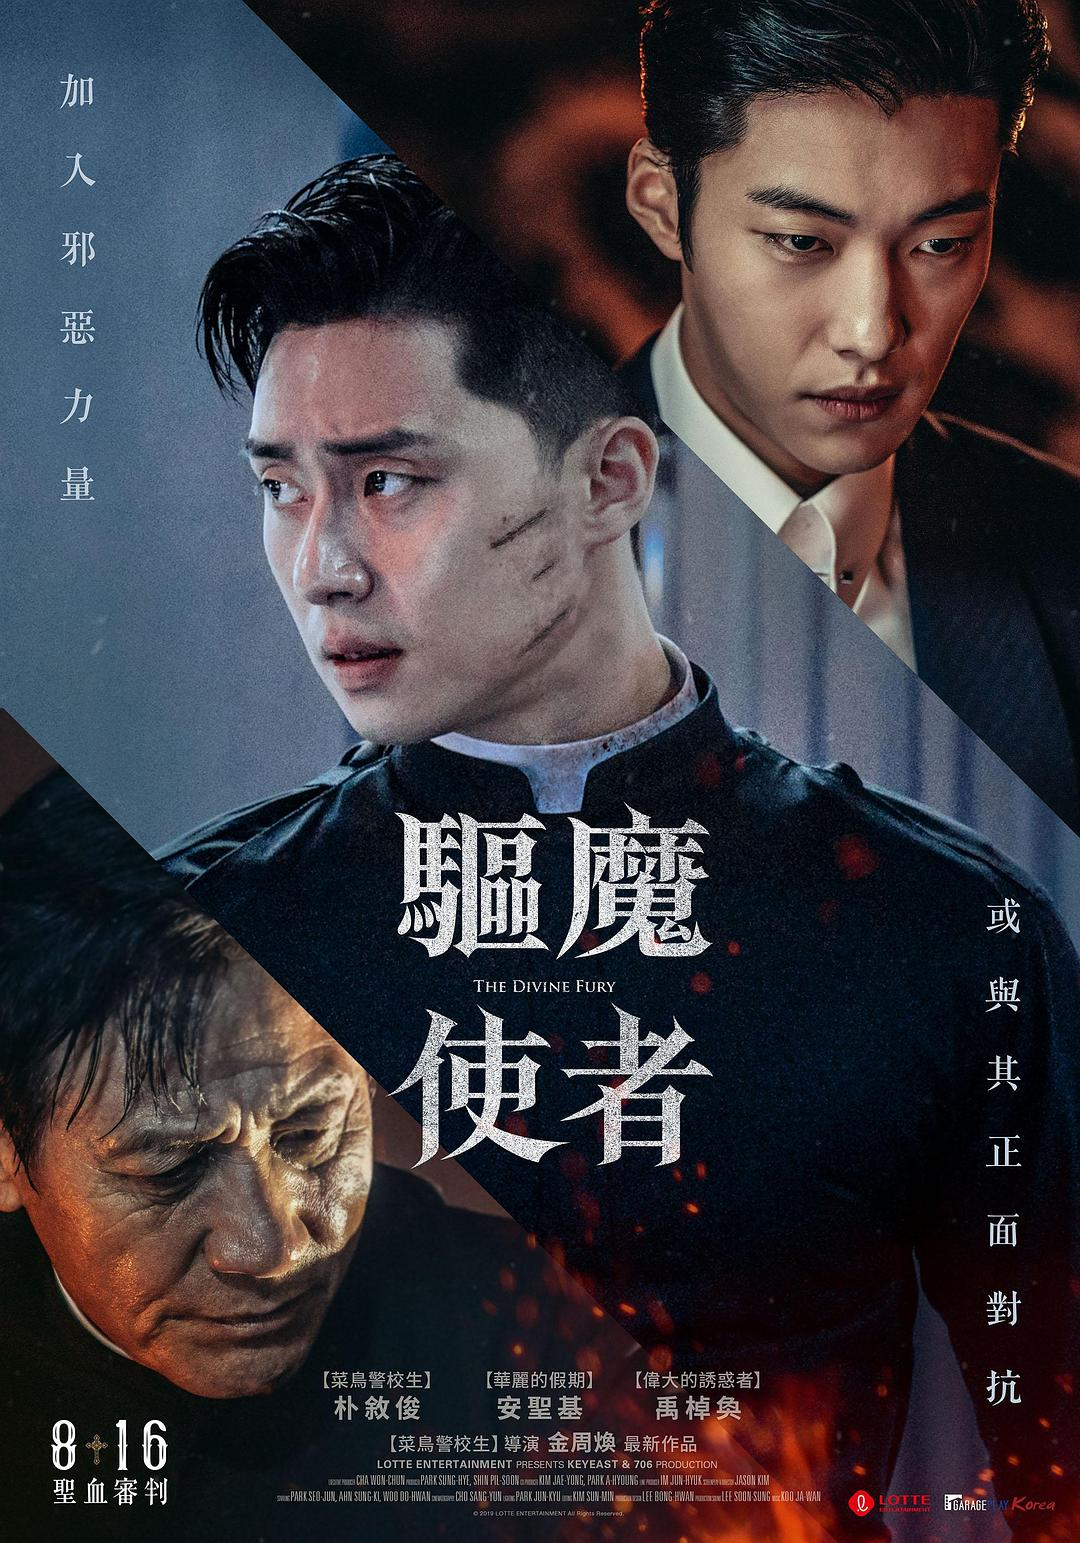 阴曹使者/驱魔使者 2019韩国魔幻电影